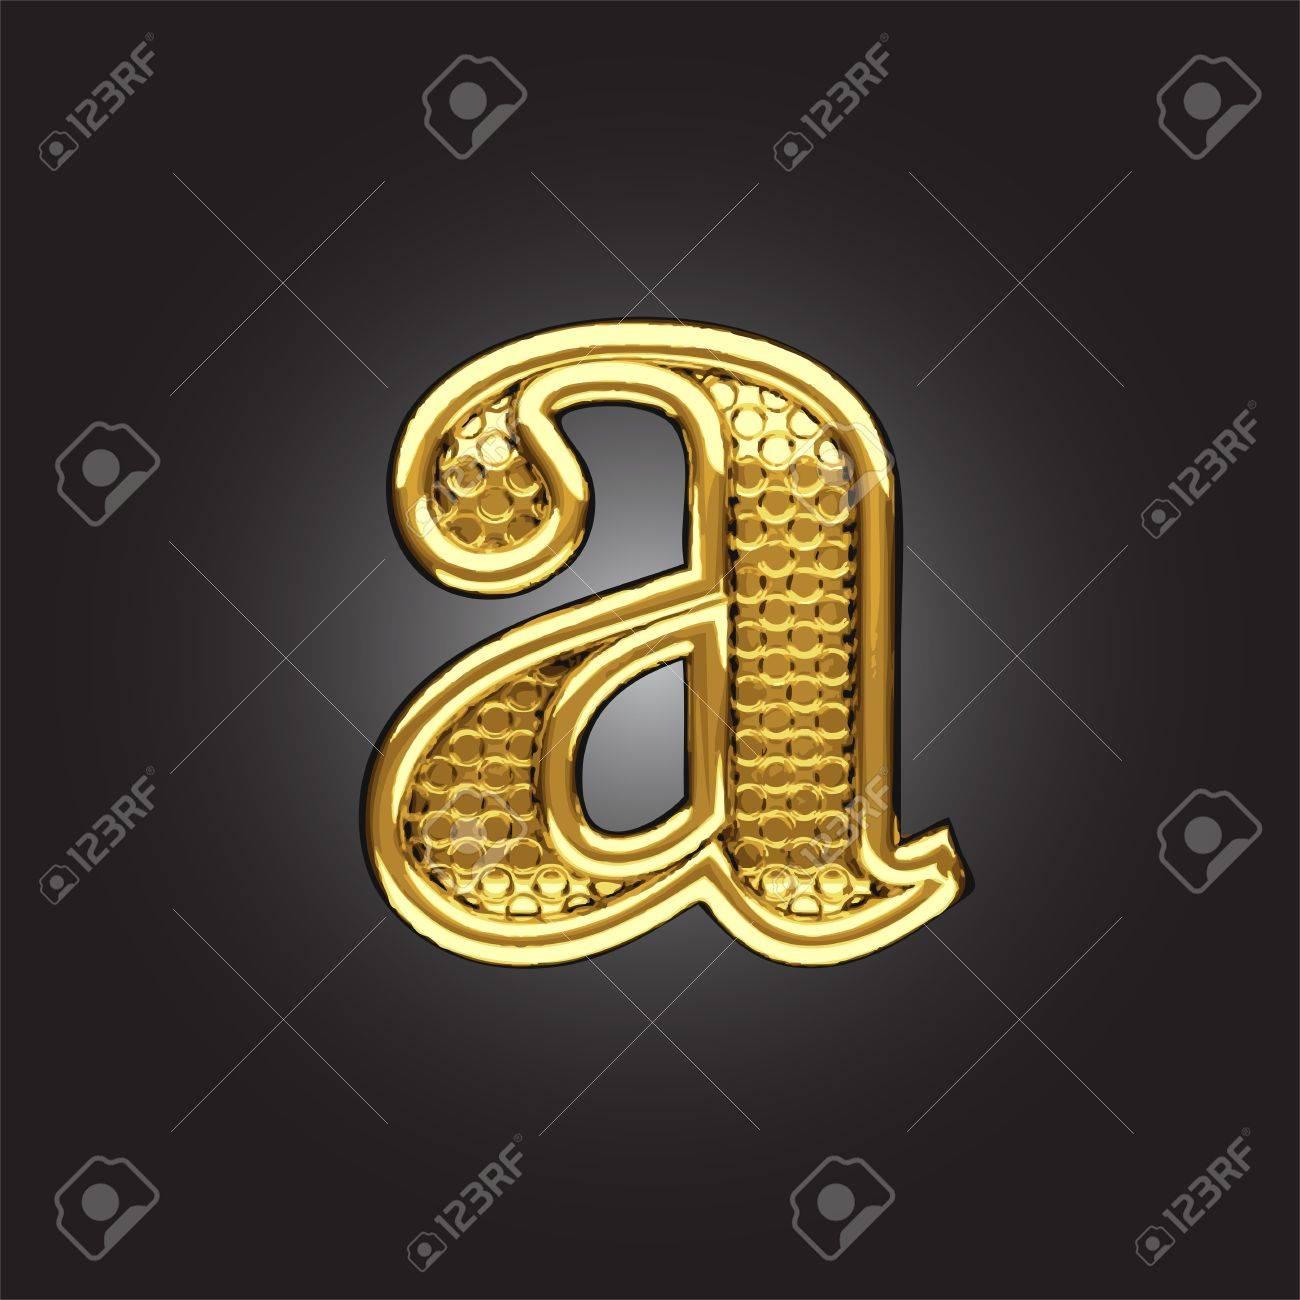 golden figure made in vector Stock Vector - 13811590